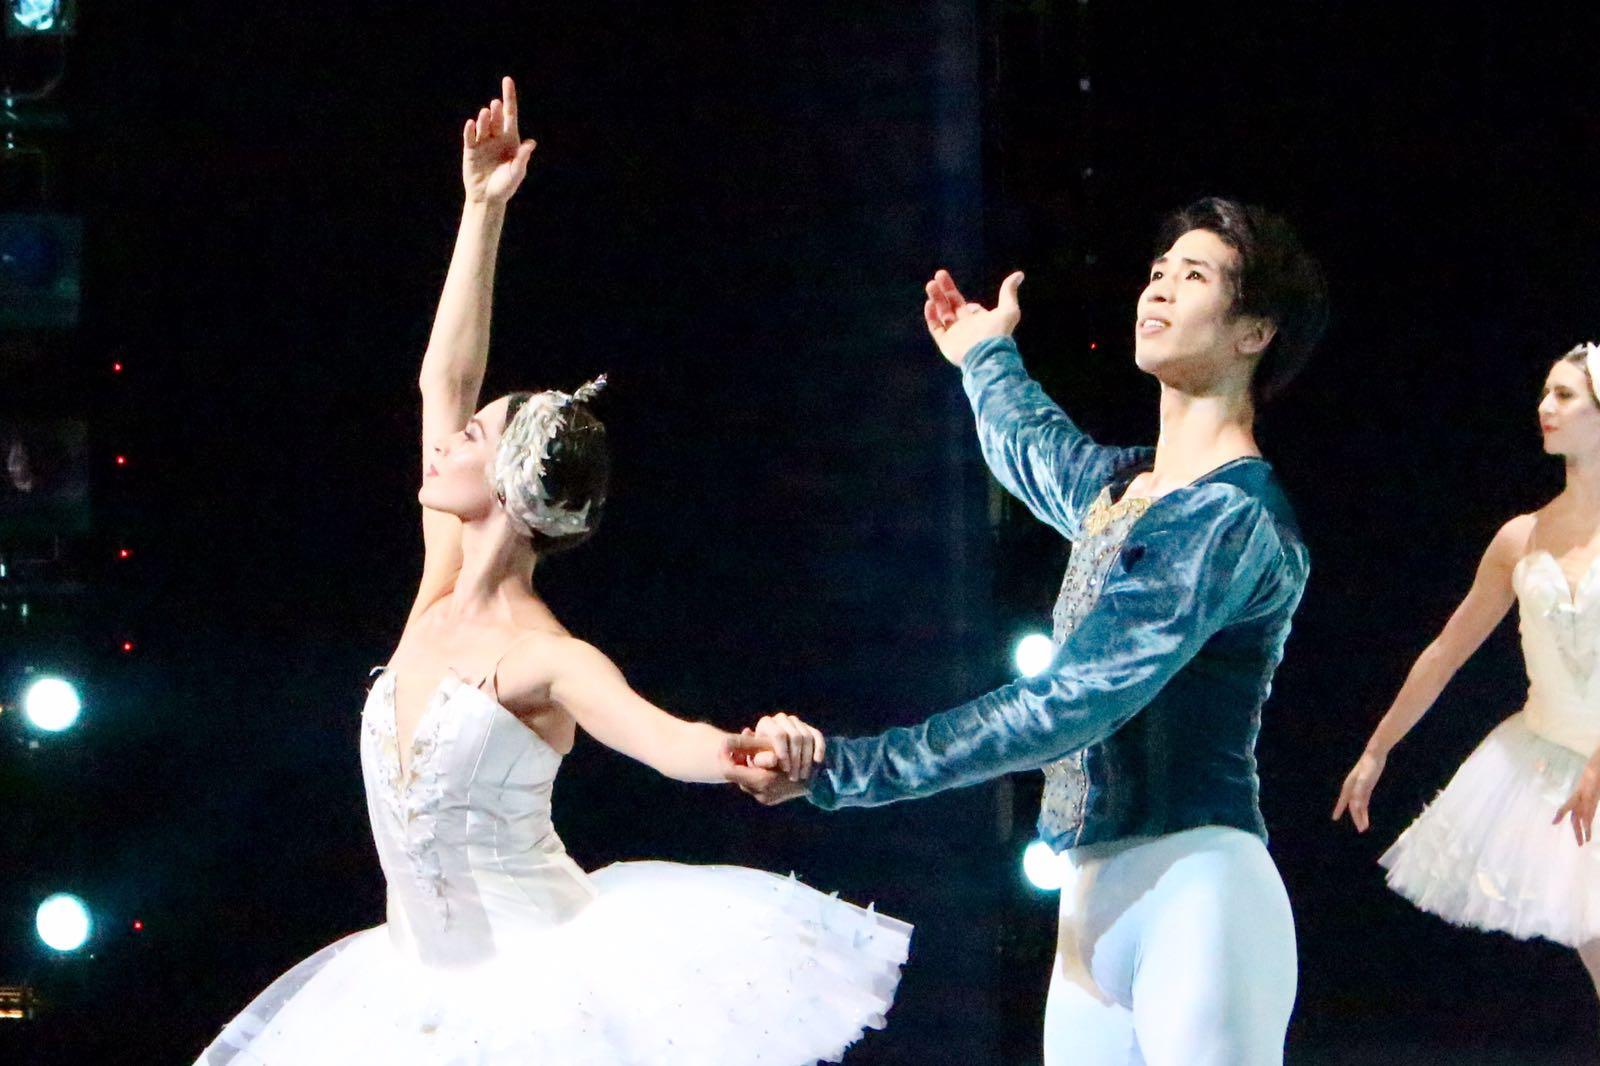 【第22回】ウィーンのバレエピアニスト 〜滝澤志野の音楽日記〜ウィーン国立バレエ プリンシパル、木本全優さんにインタビューしました。